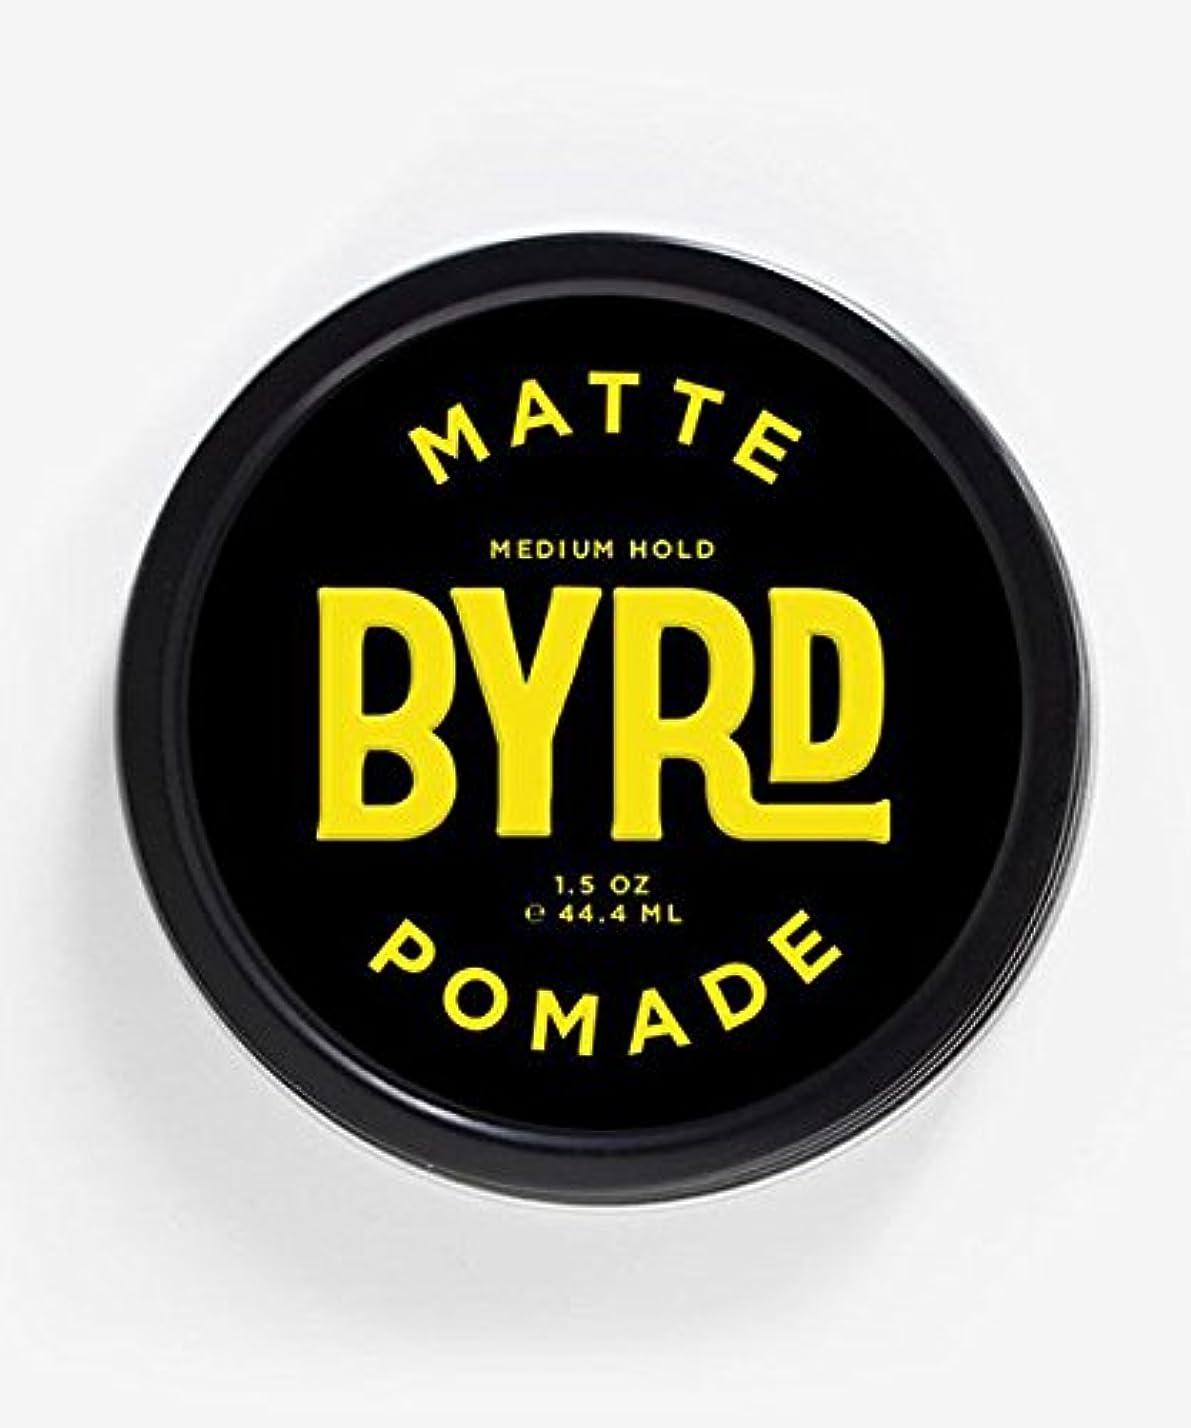 耐える説得力のある色合いBYRD(バード) マットポマード 42g